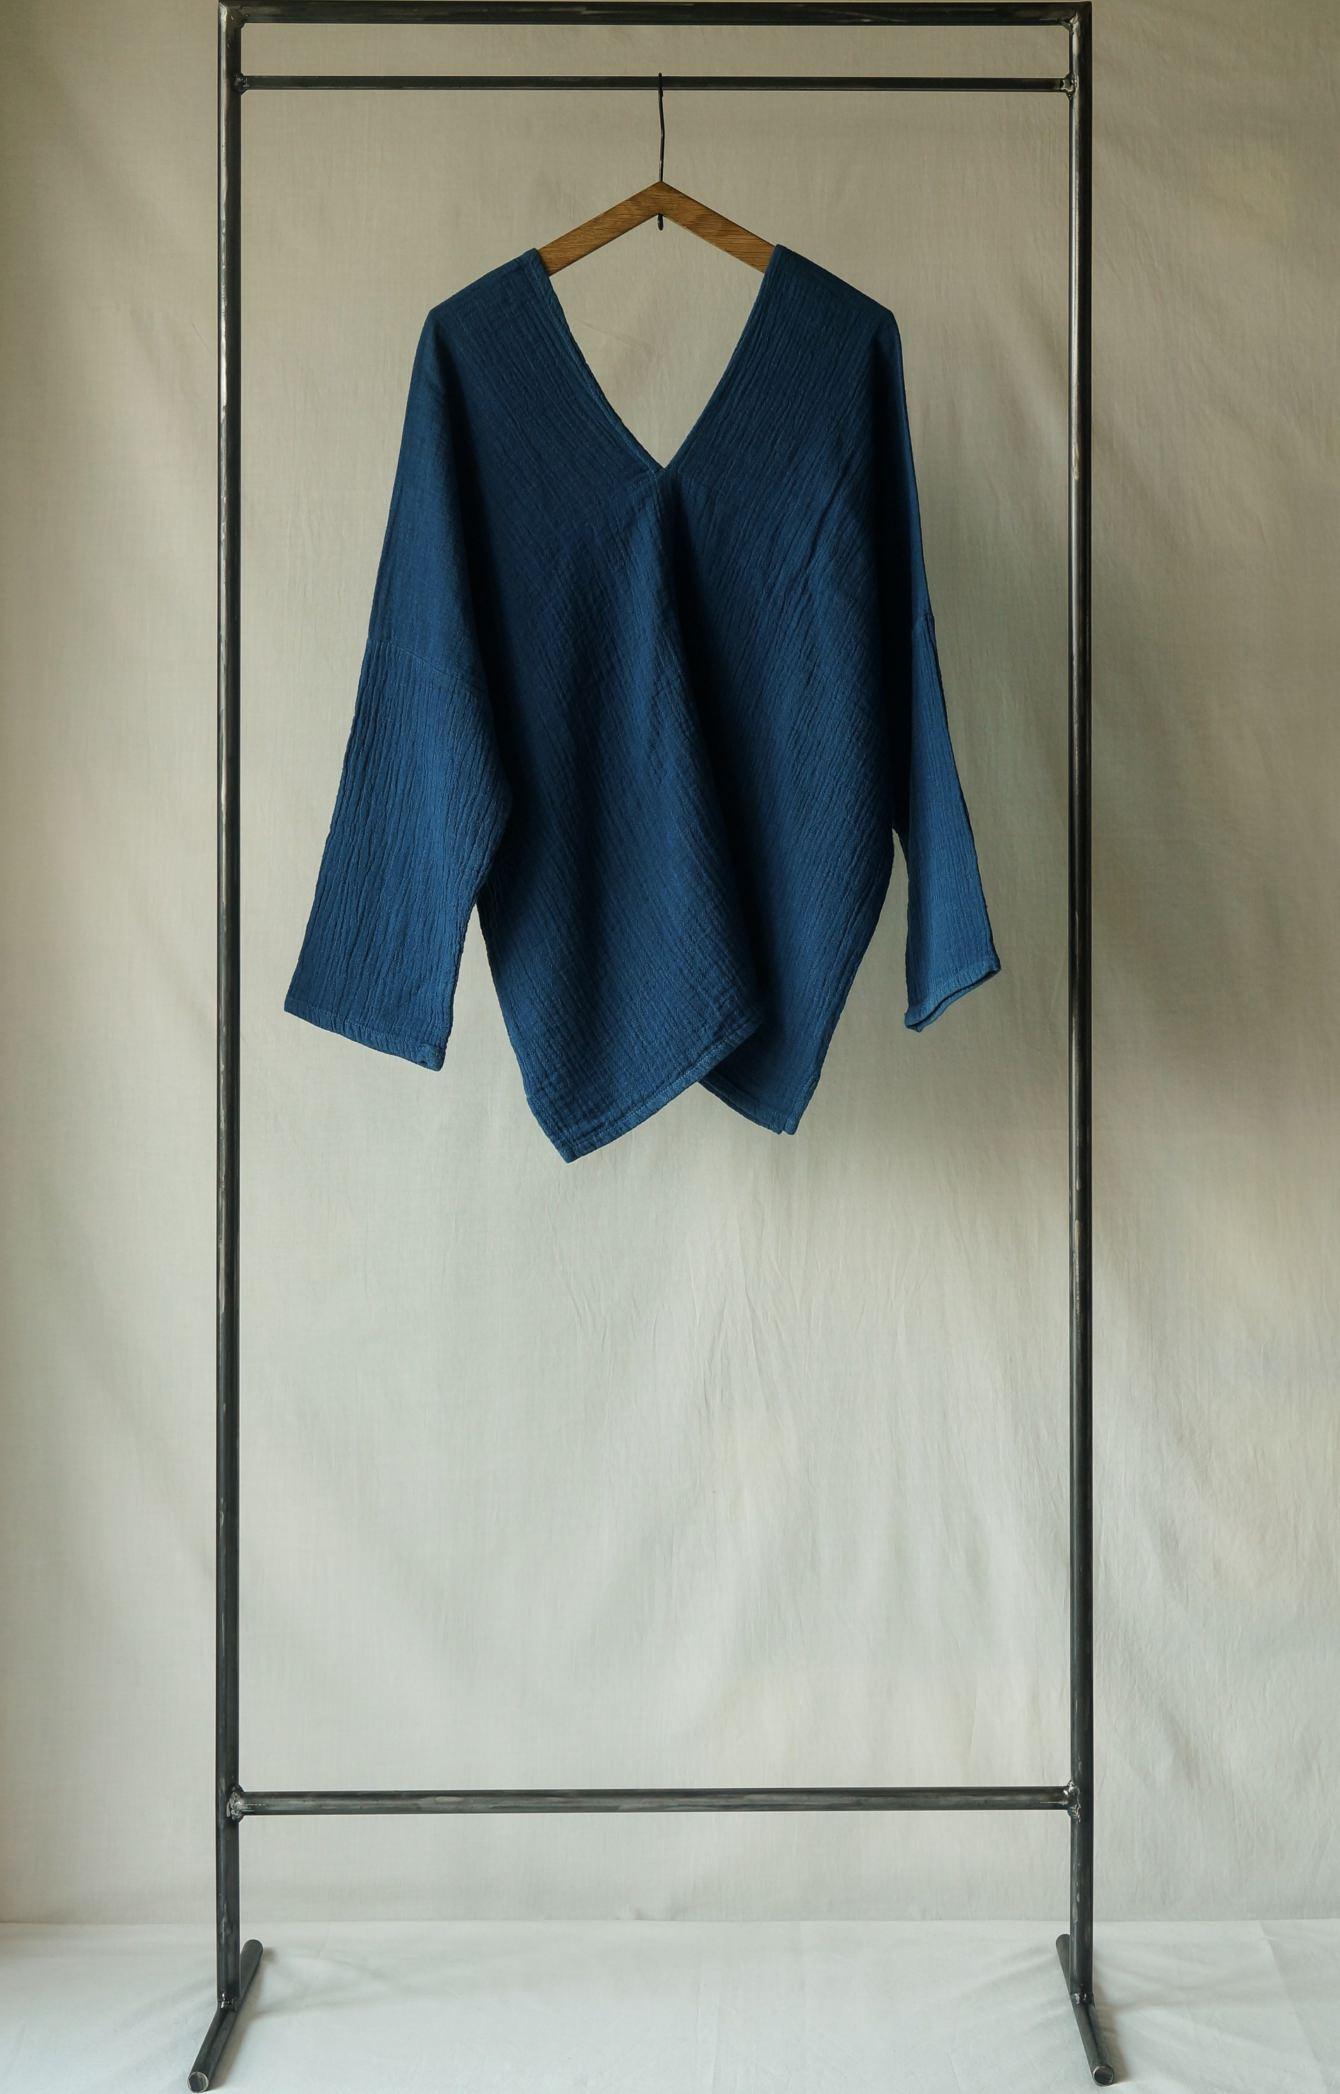 col=青(BLUE)*Japanese Ai(Indigo)